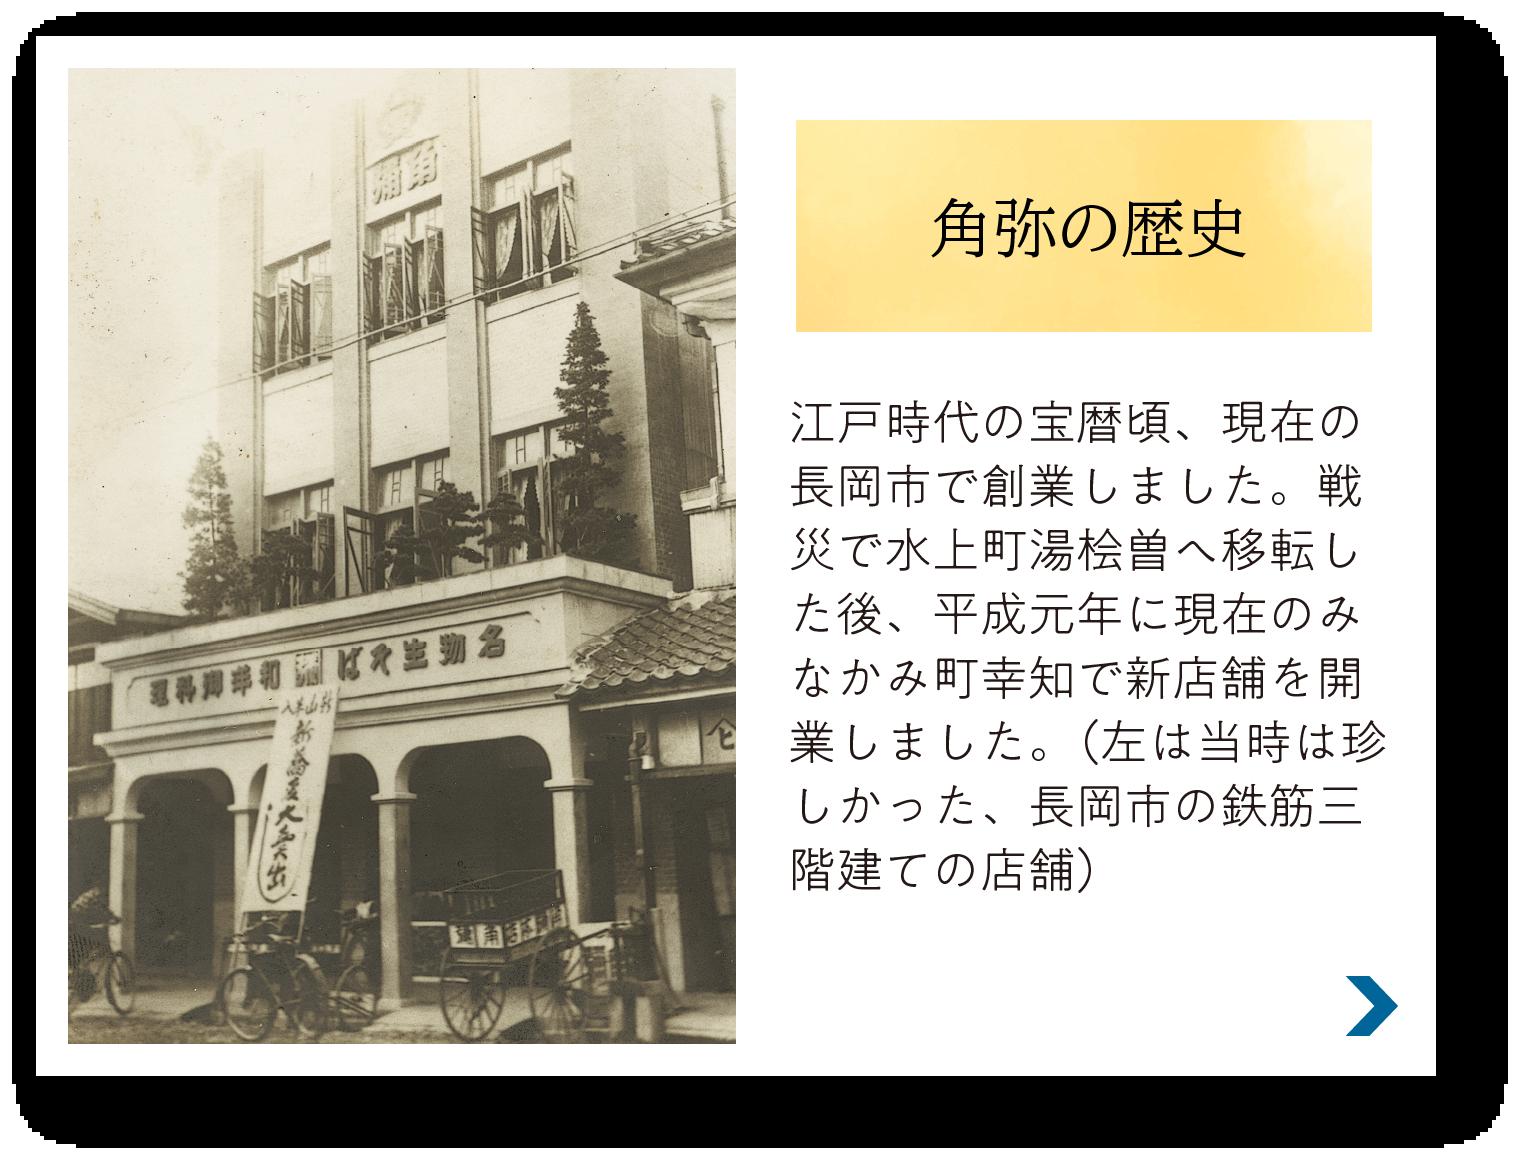 株式会社角弥|角弥の歴史